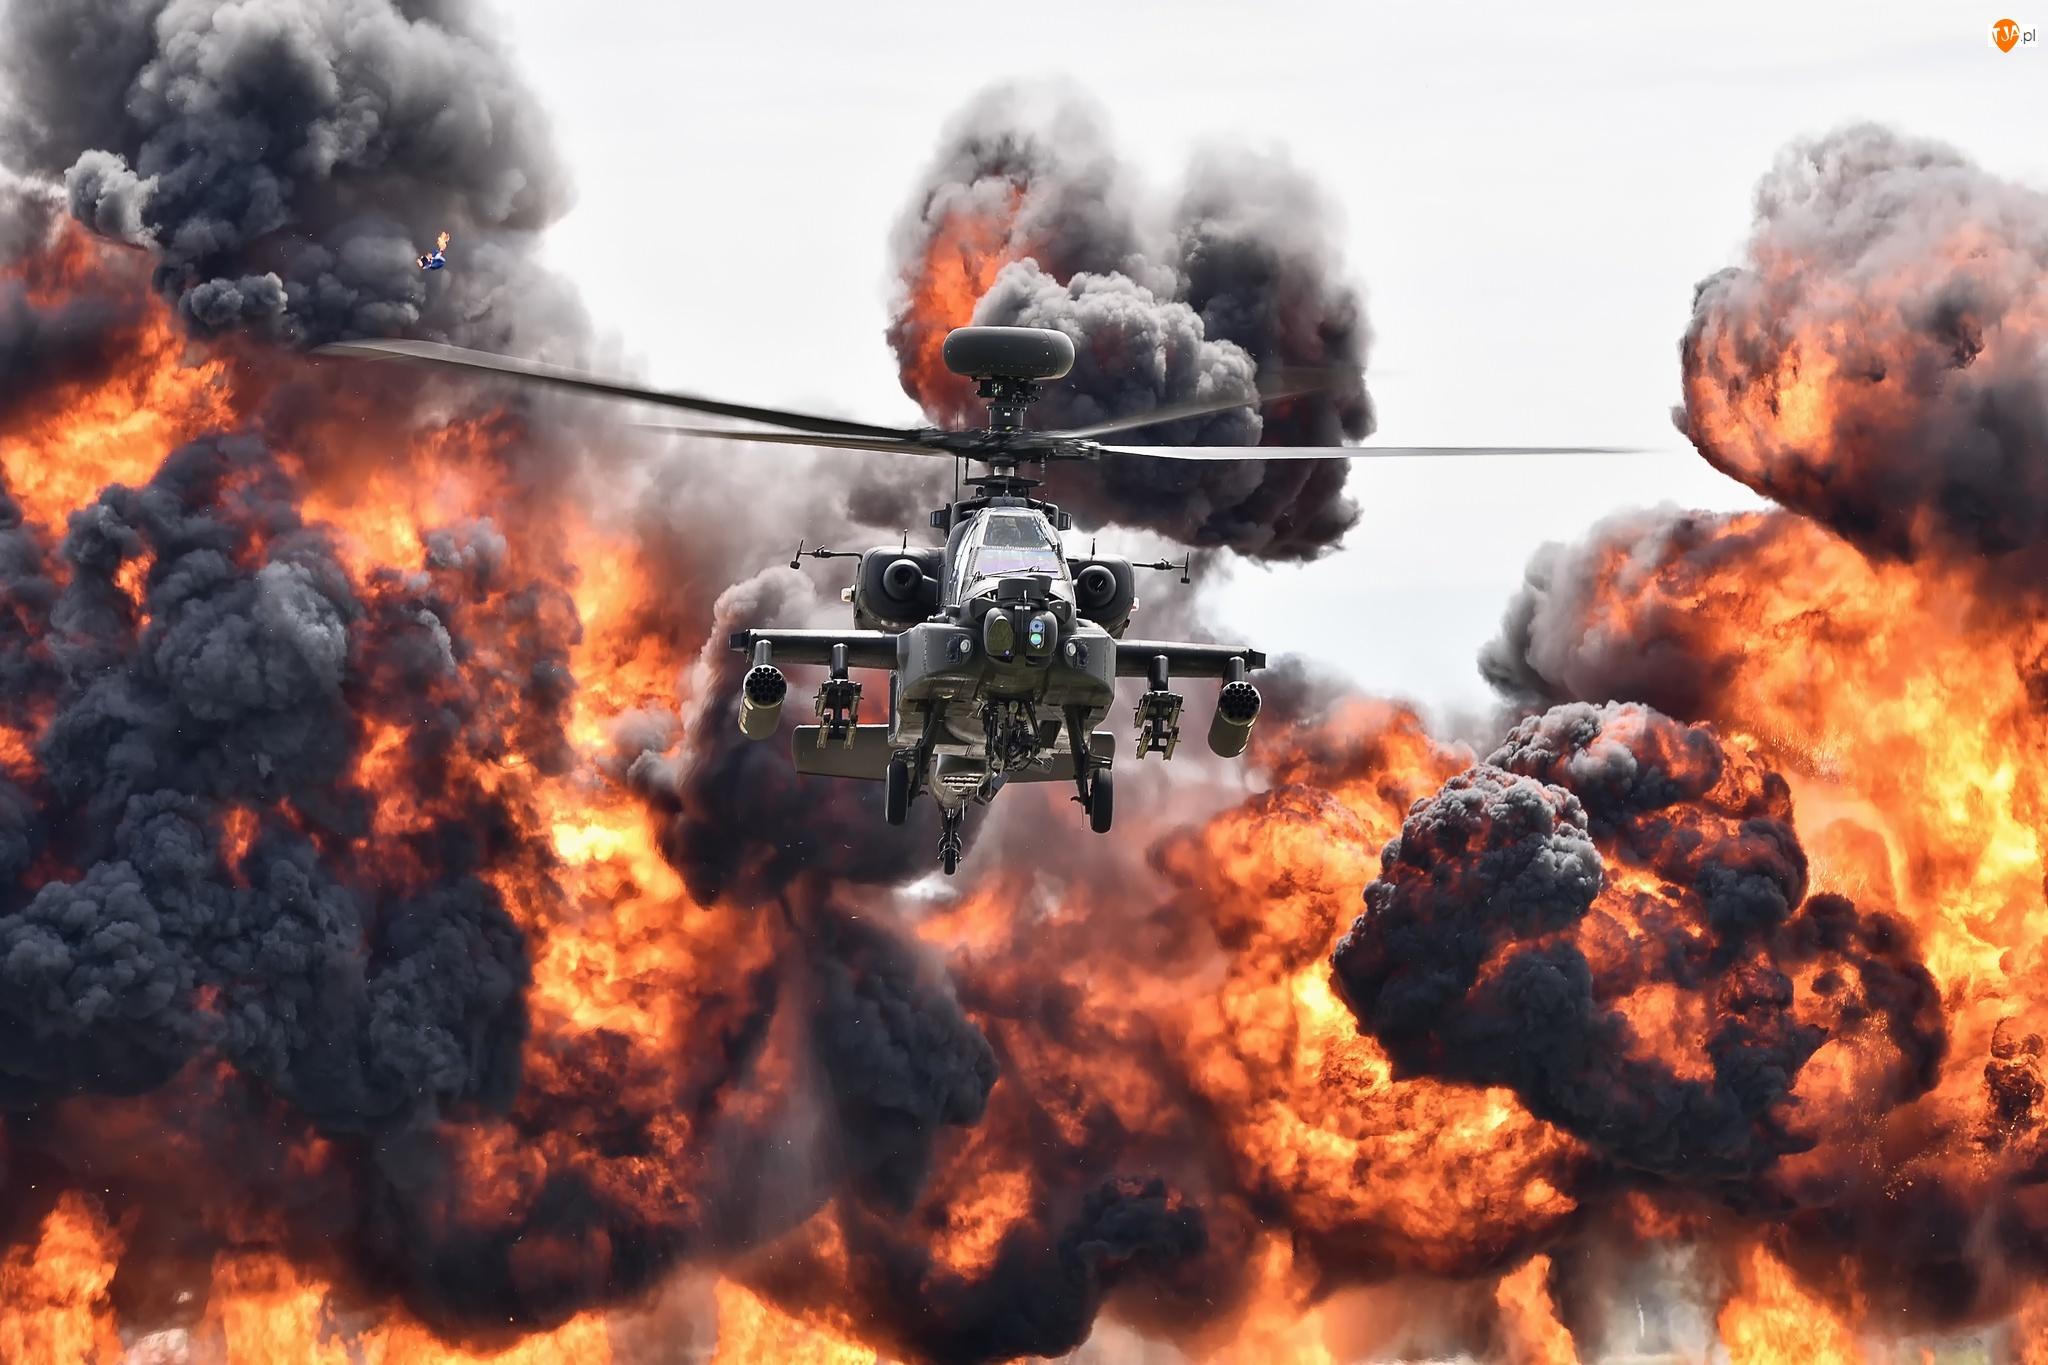 Śmigłowiec szturmowy Bell AH-1 Cobra, Ogień, Wybuch, Dym